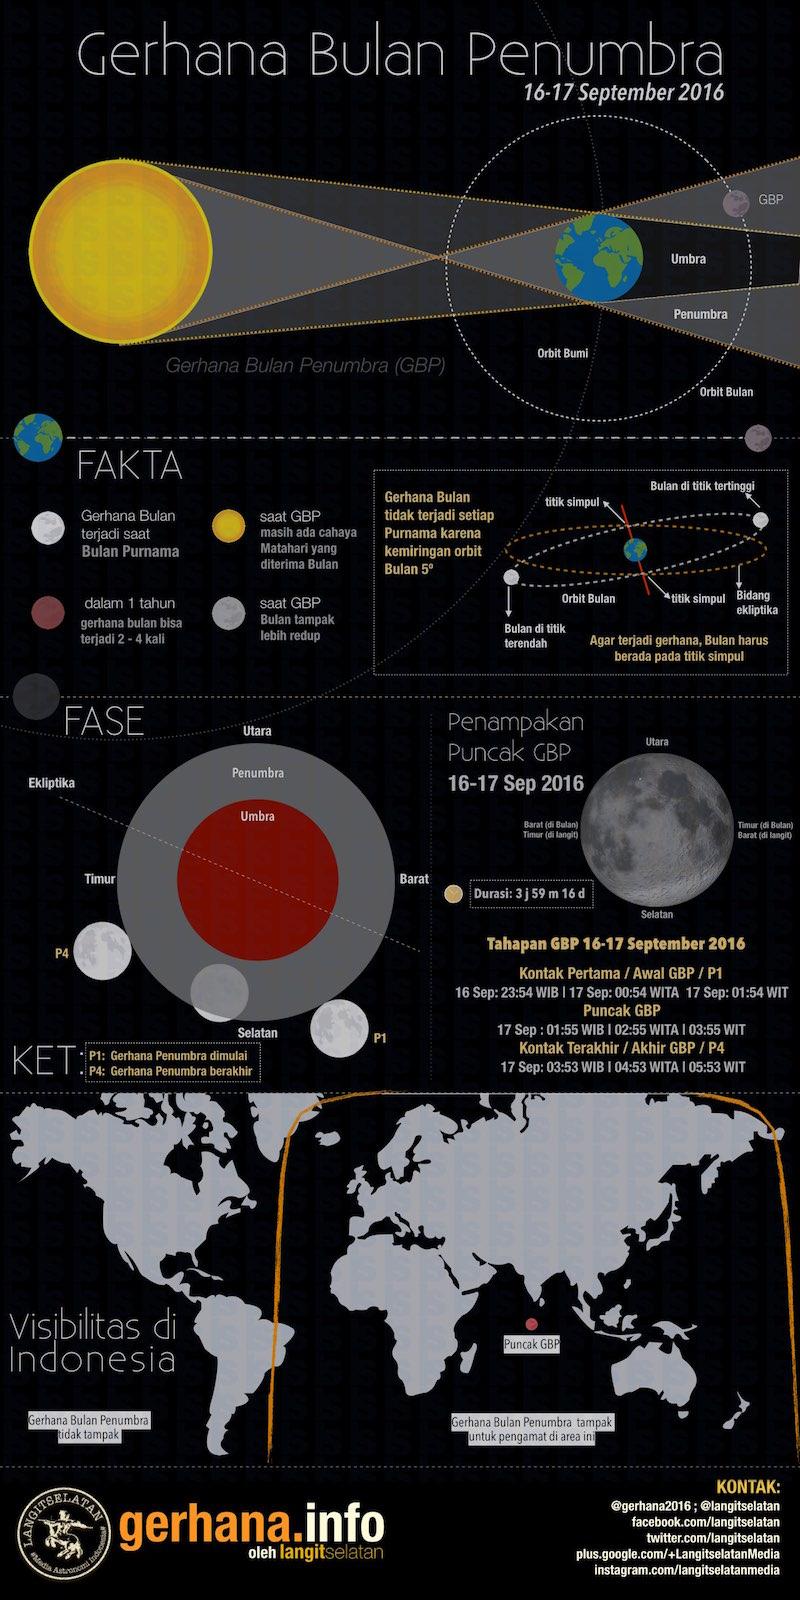 Kenapa Bisa Terjadi Gerhana Matahari : kenapa, terjadi, gerhana, matahari, Infografik:, Gerhana, Bulan, Penumbra, Terakhir, Tahun